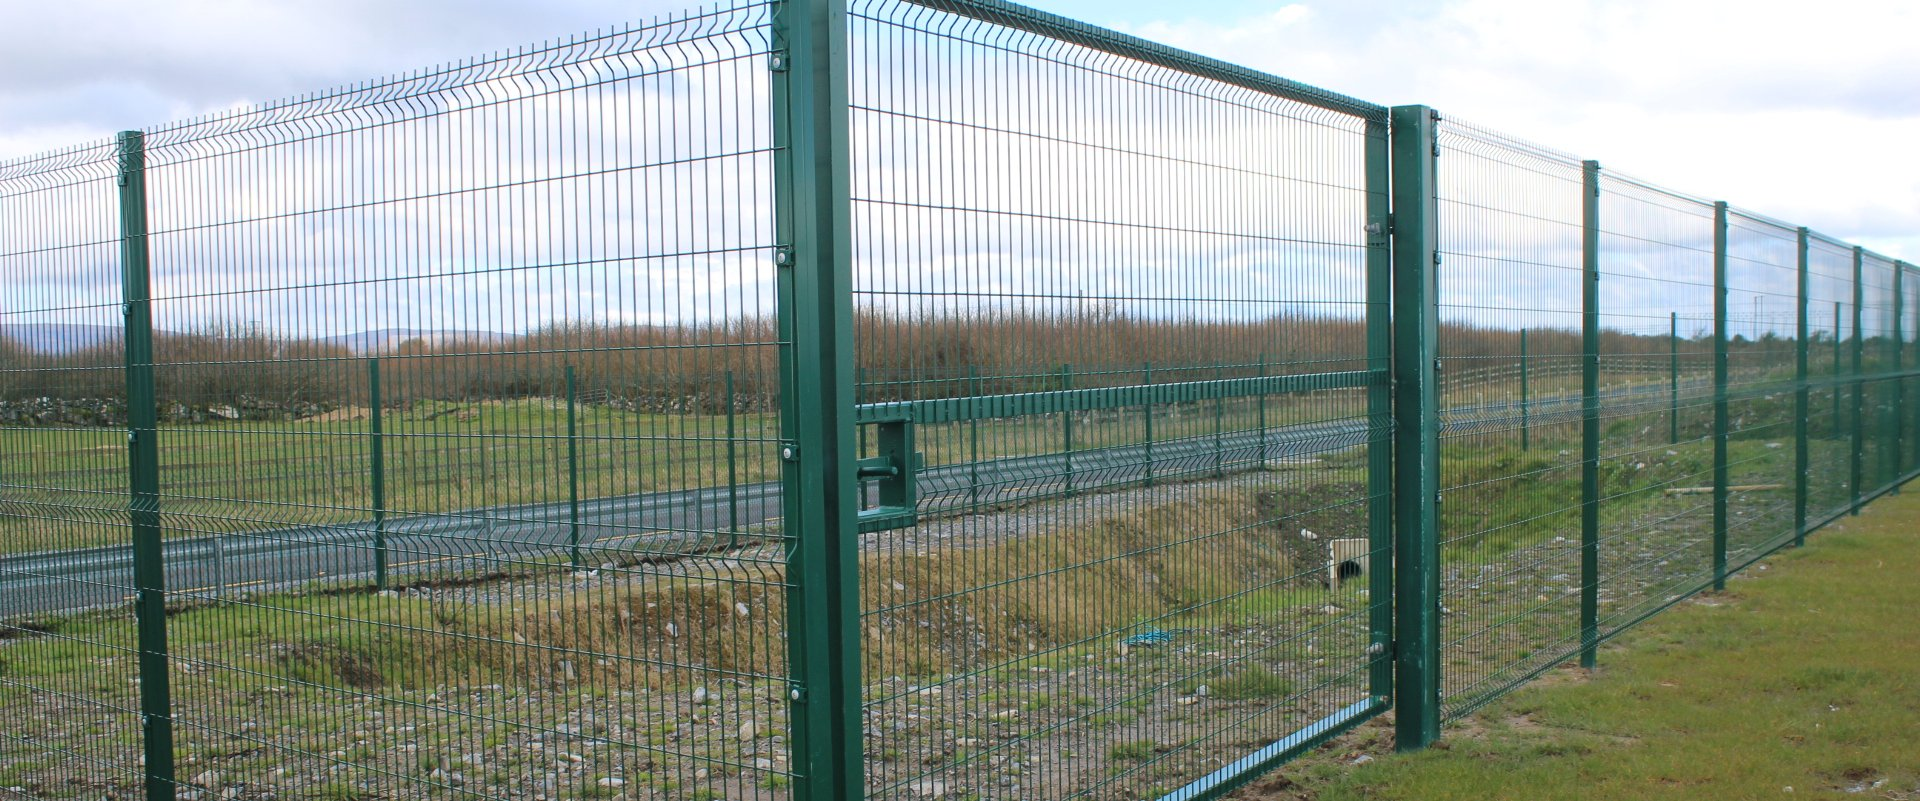 V Guard Gate